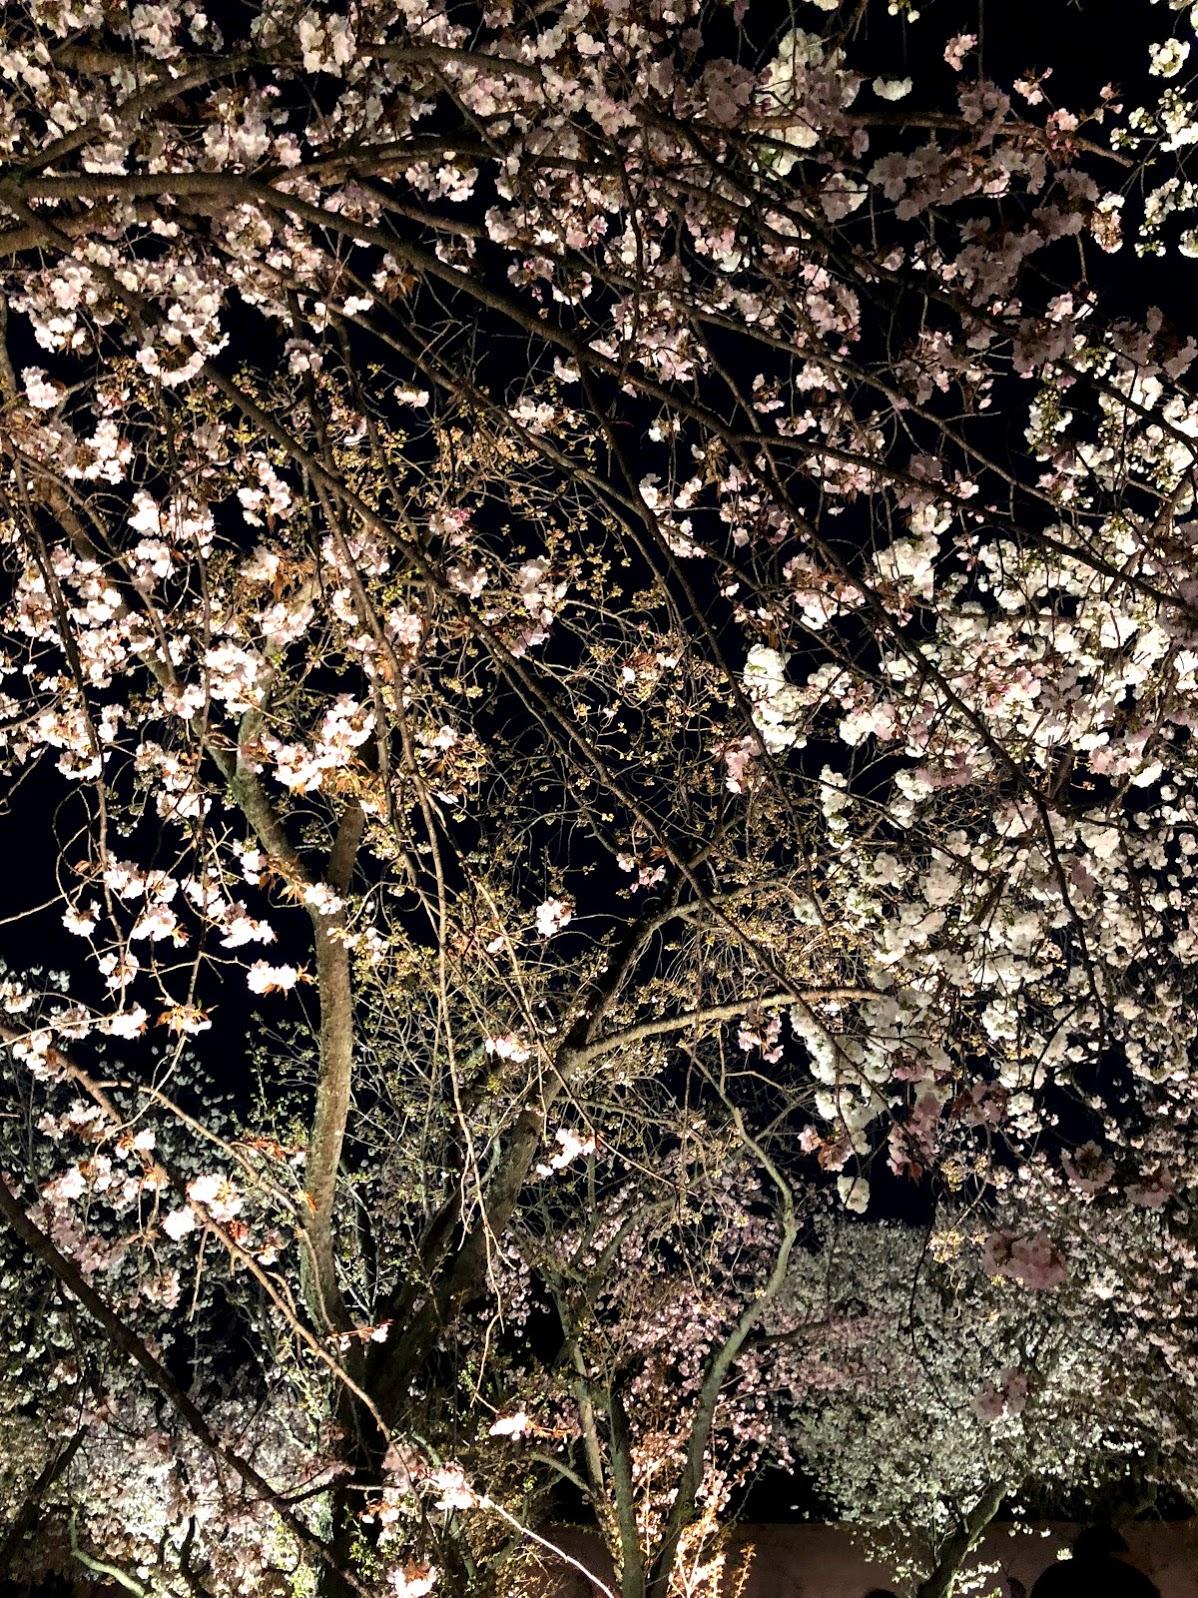 Luces regulares alumbran a las flores  sakuras  de noche.